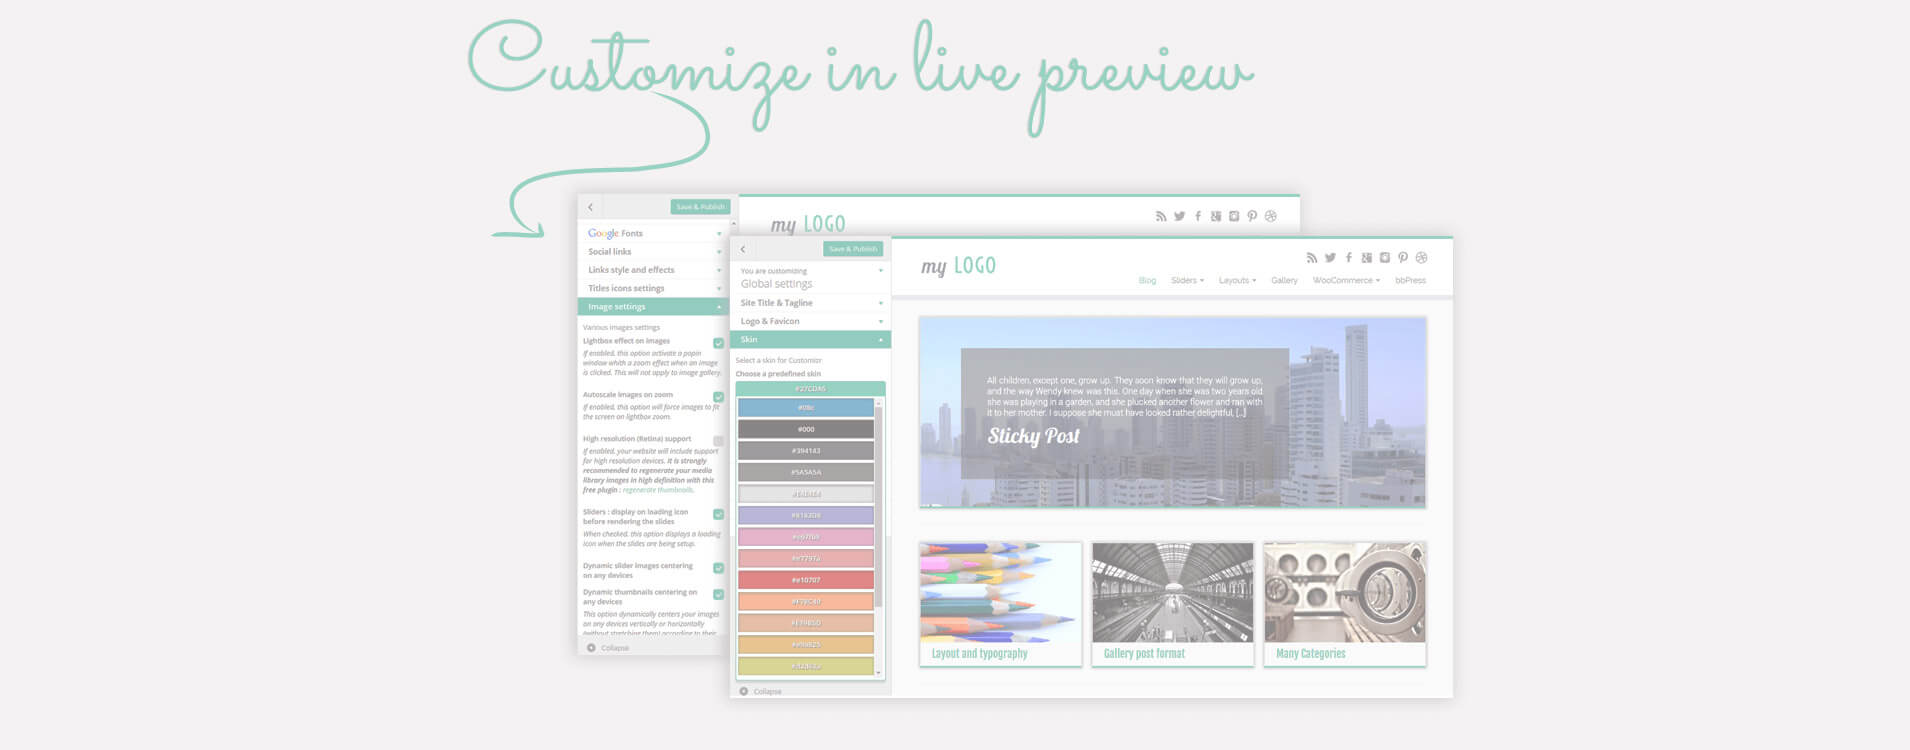 Viele Layout- und Design-Optionen stehen über den WordPress-Customizer zur Verfügung: Sieh deine Änderungen in Echtzeit!